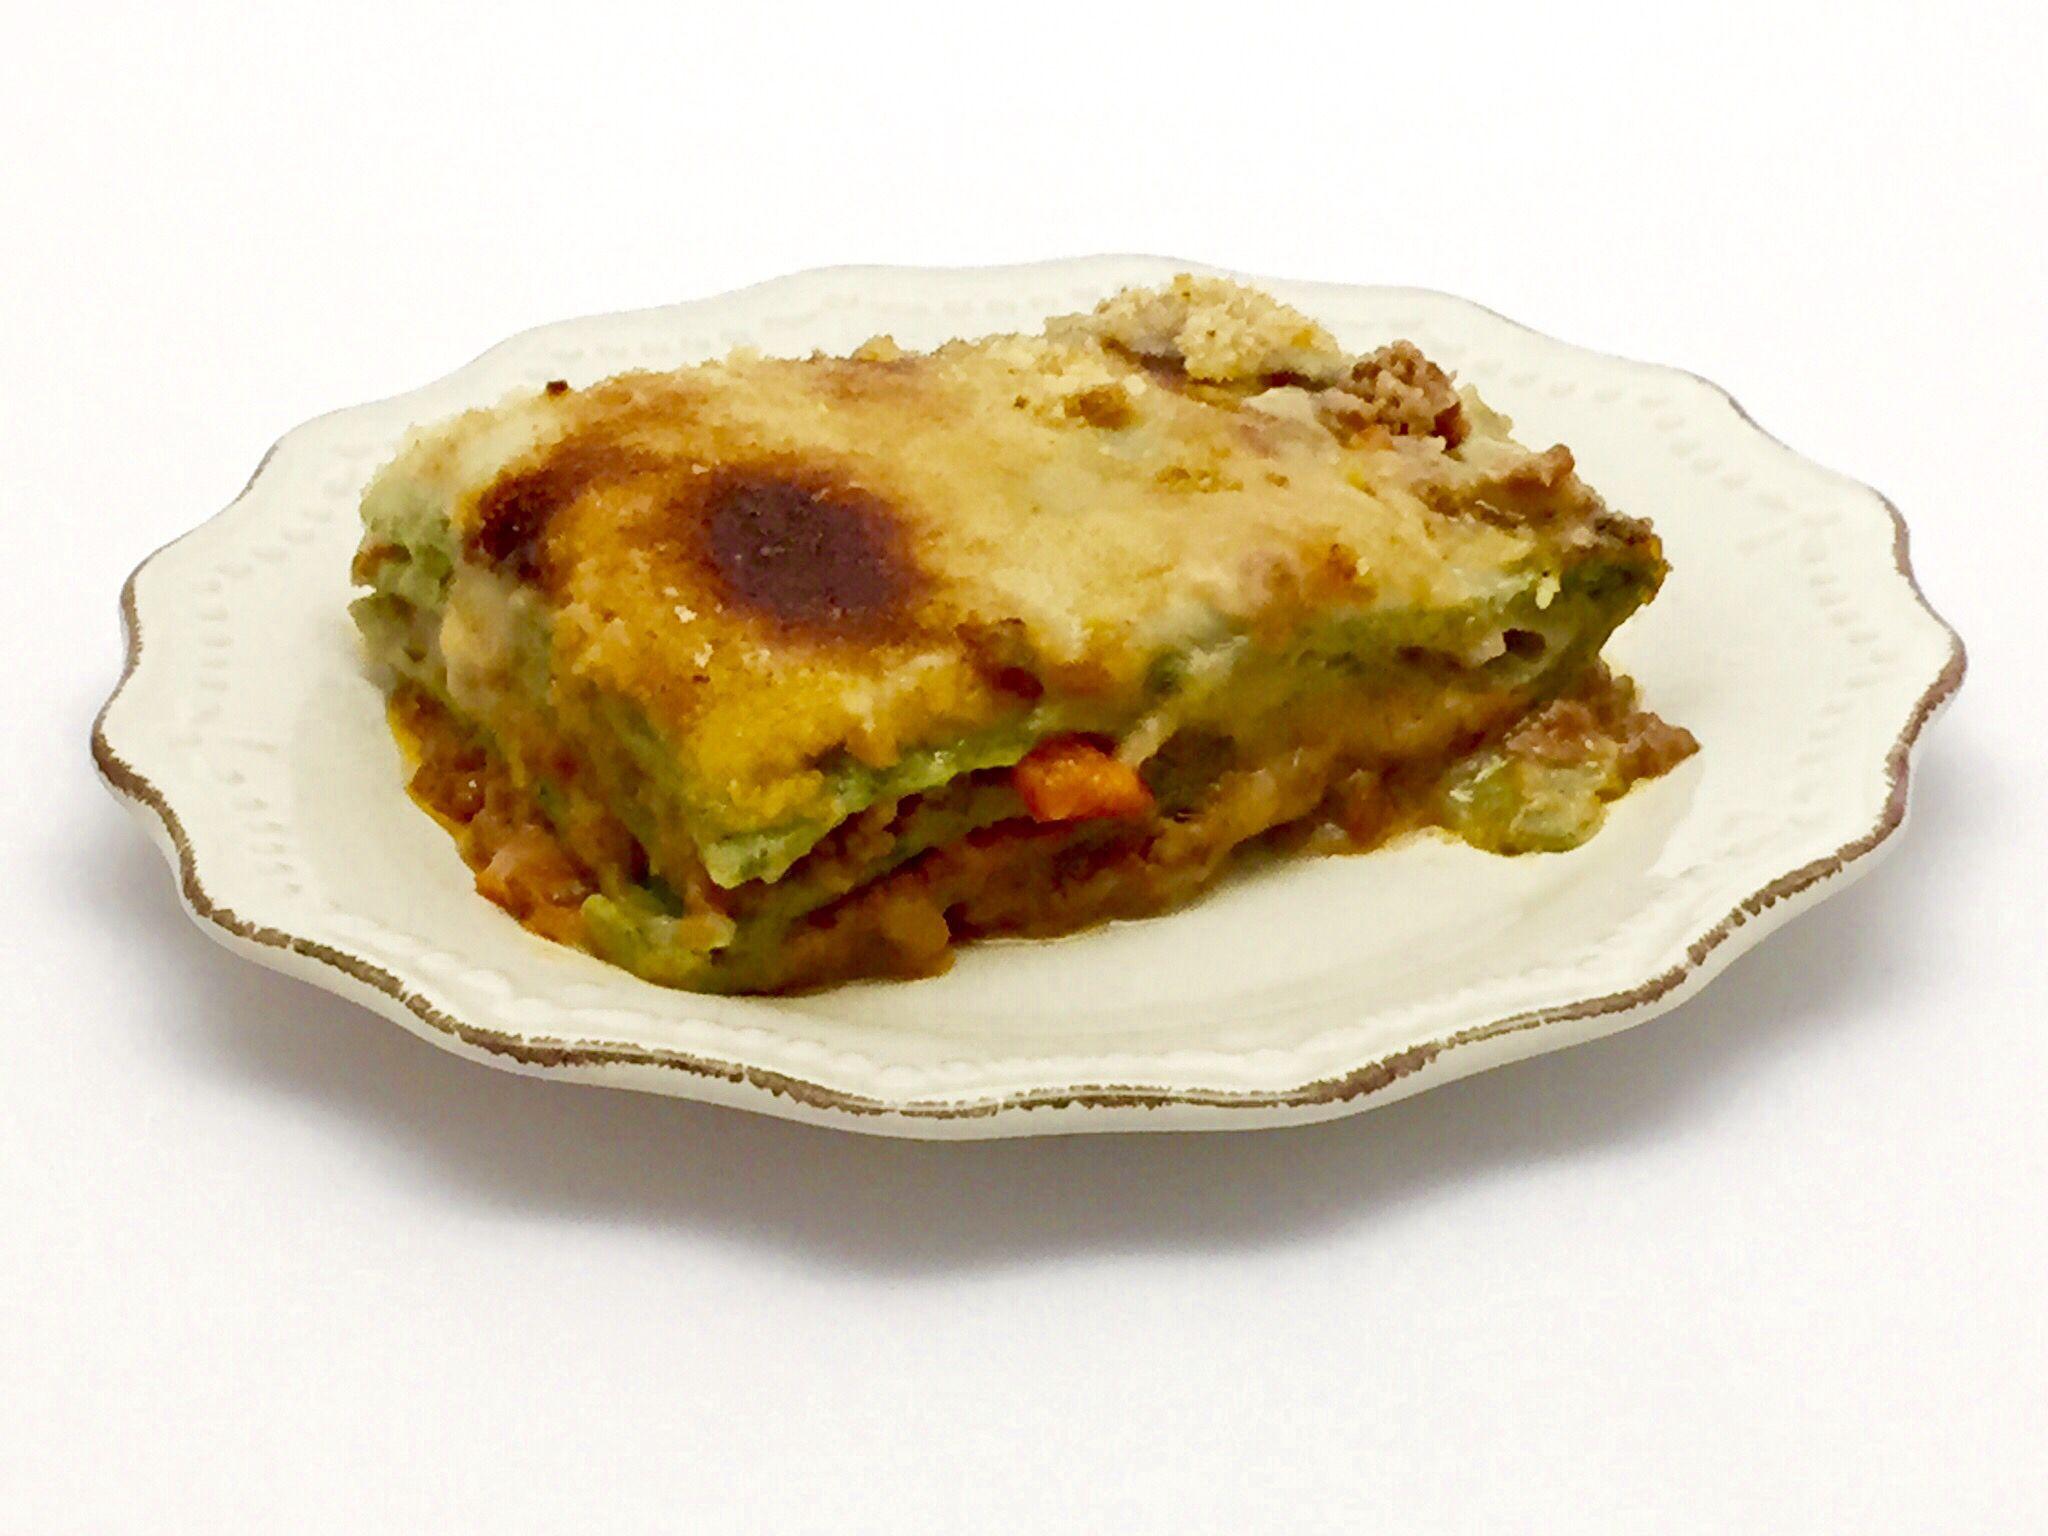 Lasagne verdi senza glutine:  http://stellasenzaglutine.com/2015/04/12/quanti-modi-di-fare-e-rifare-lasagne-verdi-emiliane-senza-glutine-senza-latticini-e-senza-precottura/